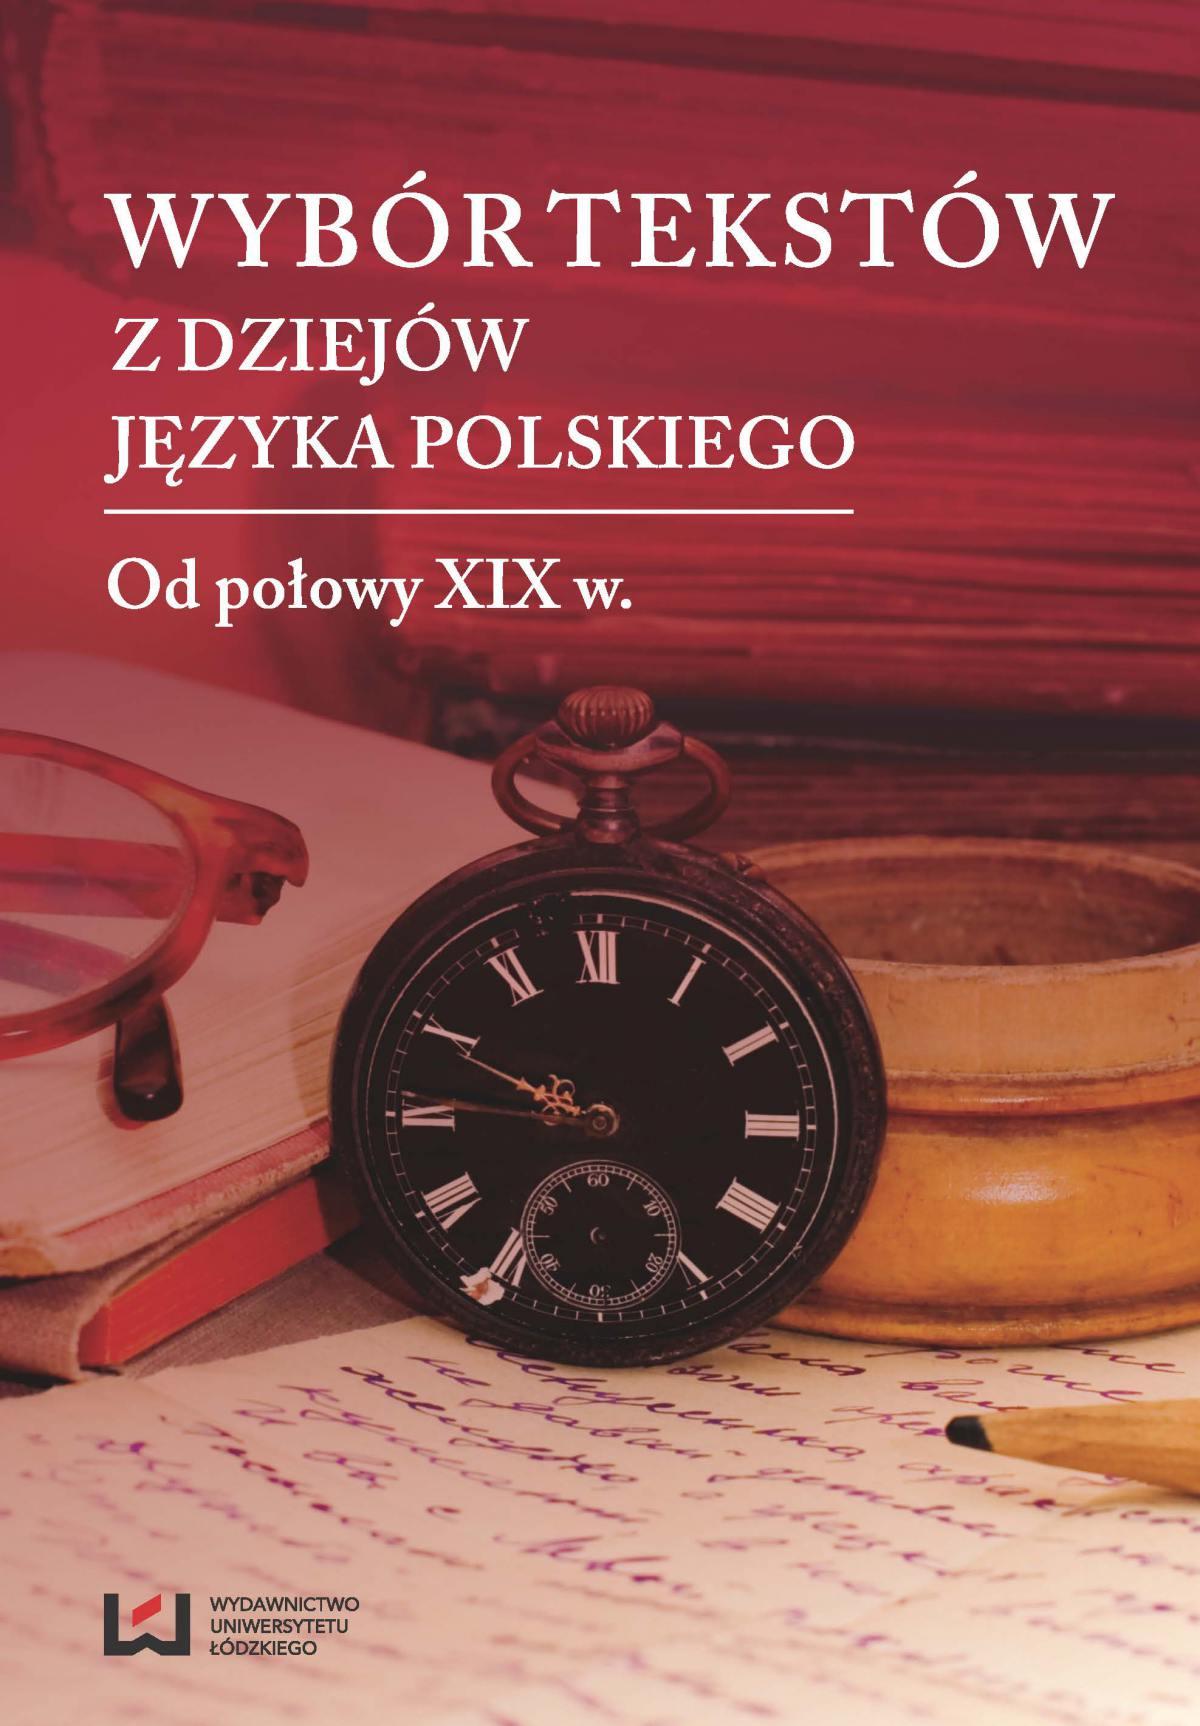 Wybór tekstów z dziejów języka polskiego. Tom 2: Od połowy XIX w. - Ebook (Książka PDF) do pobrania w formacie PDF